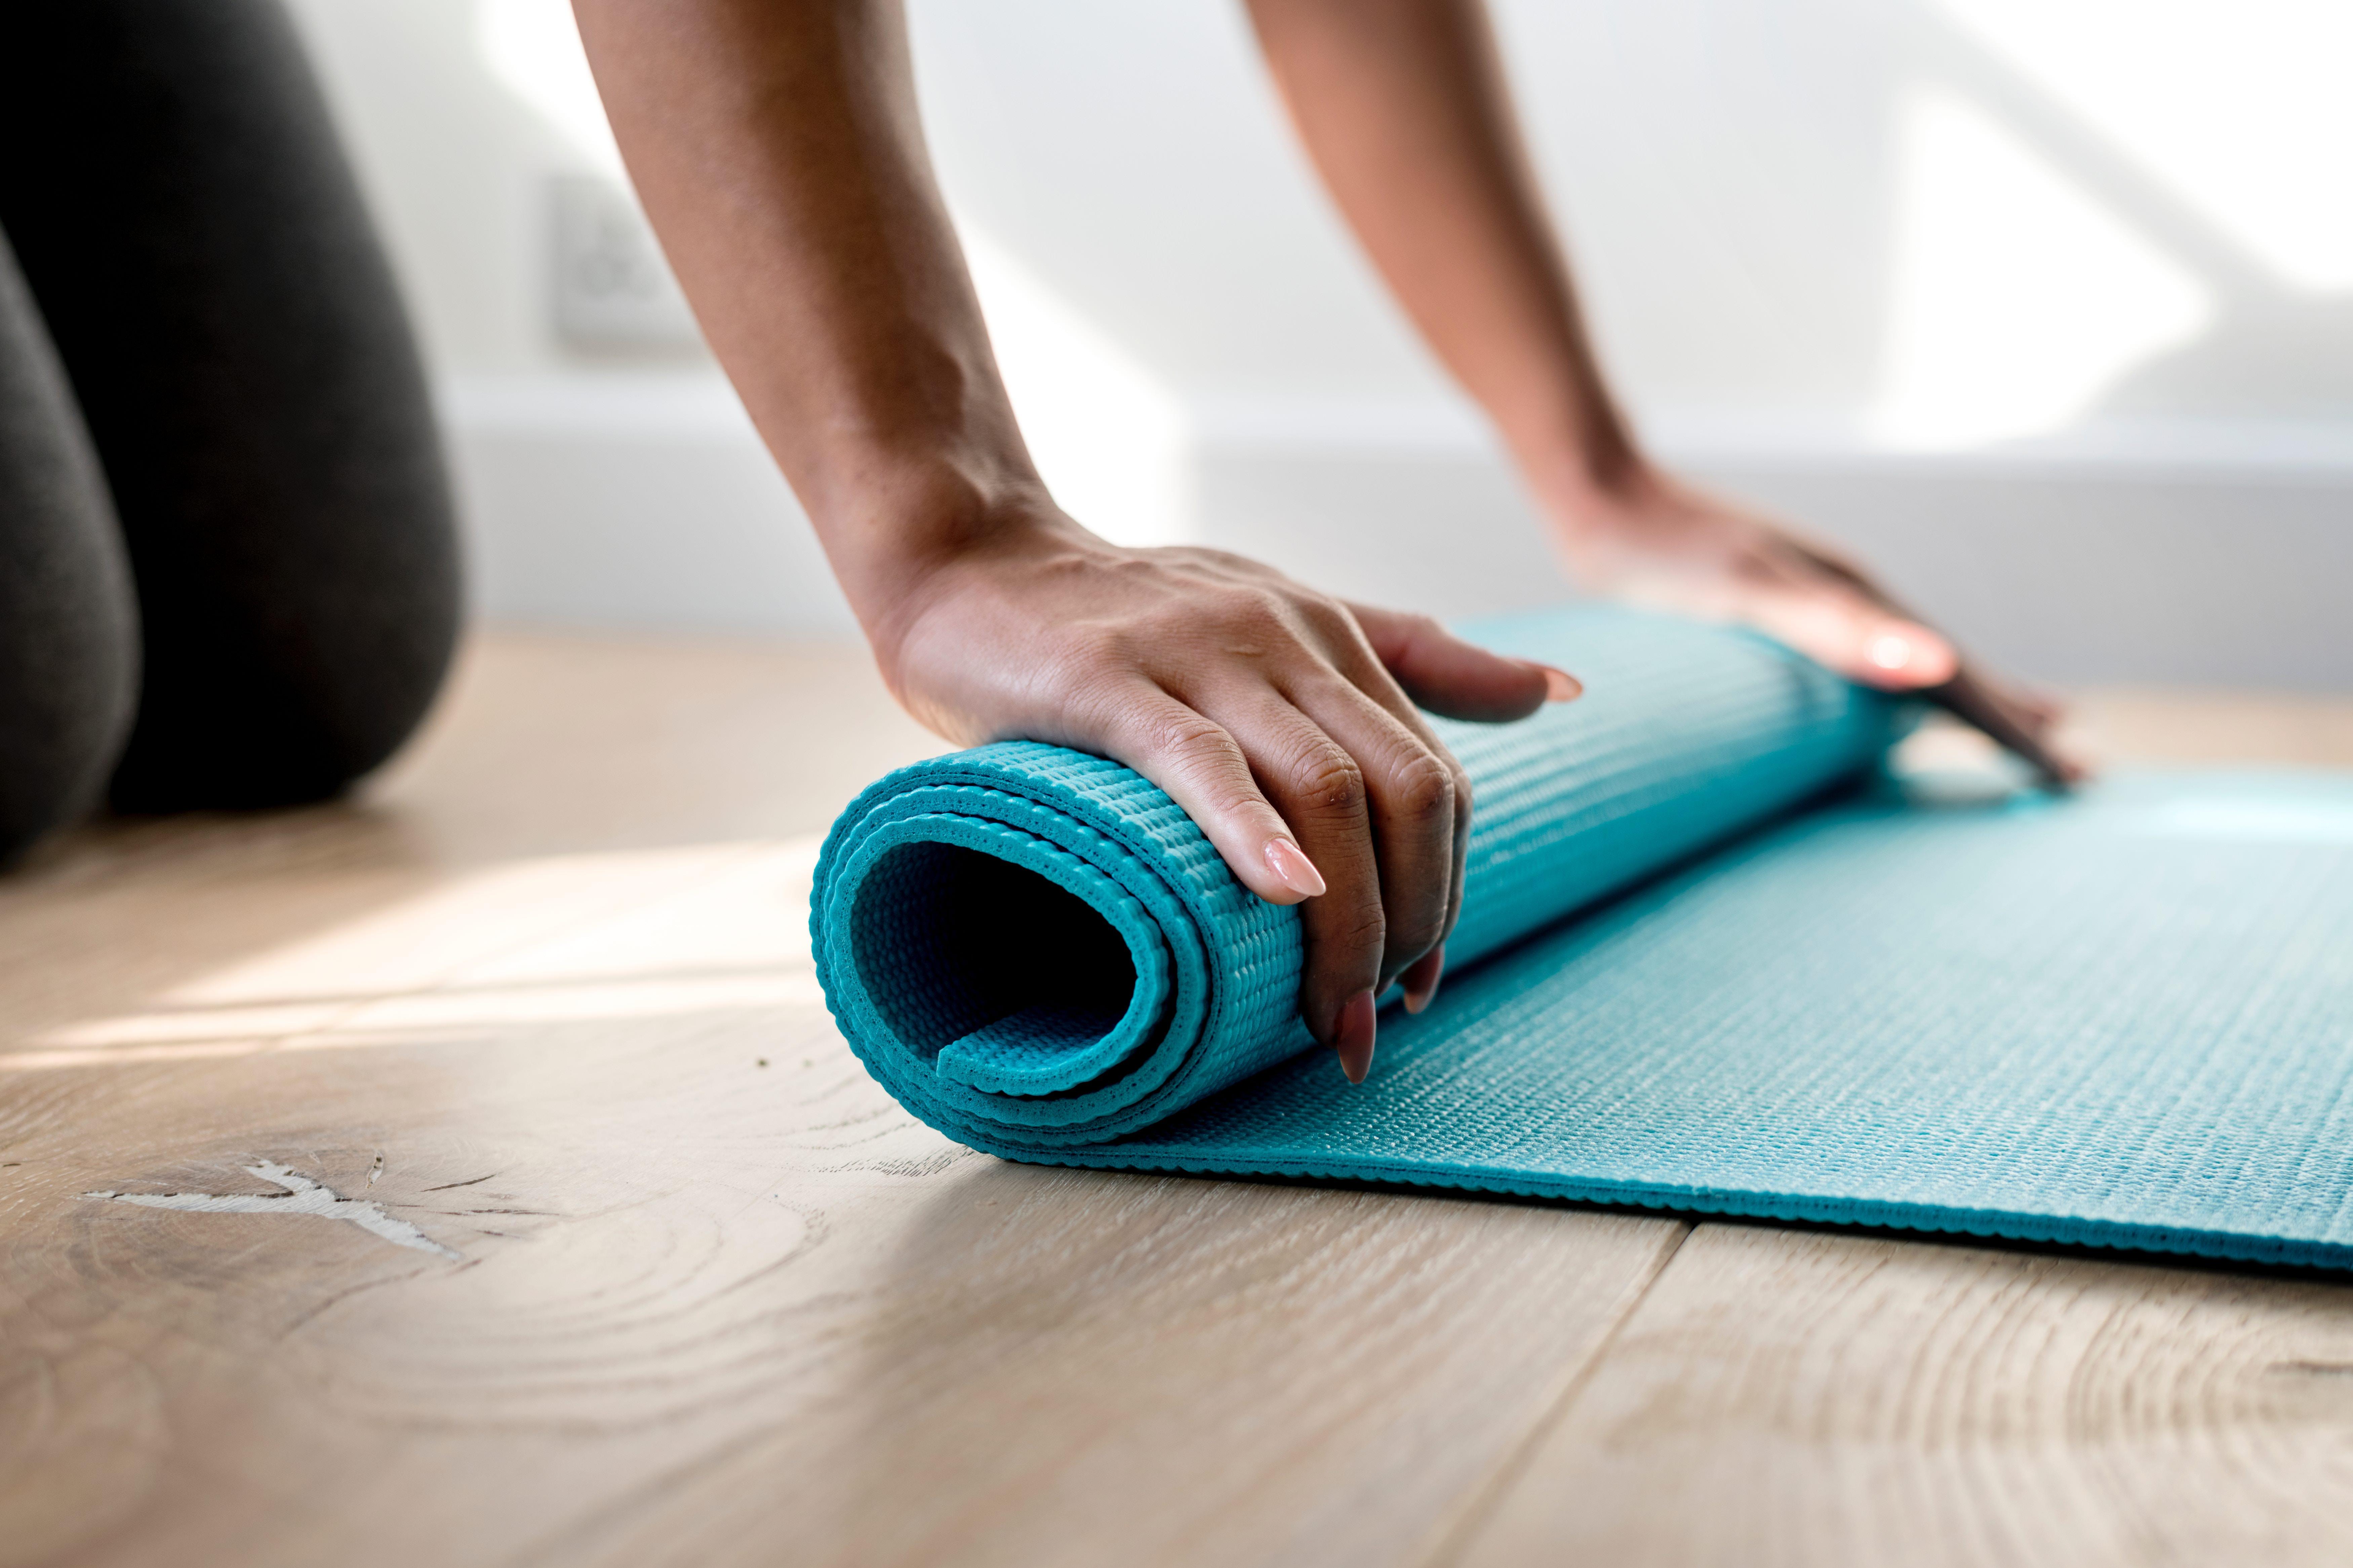 Frau rollt eine Yogamatta am Boden aus